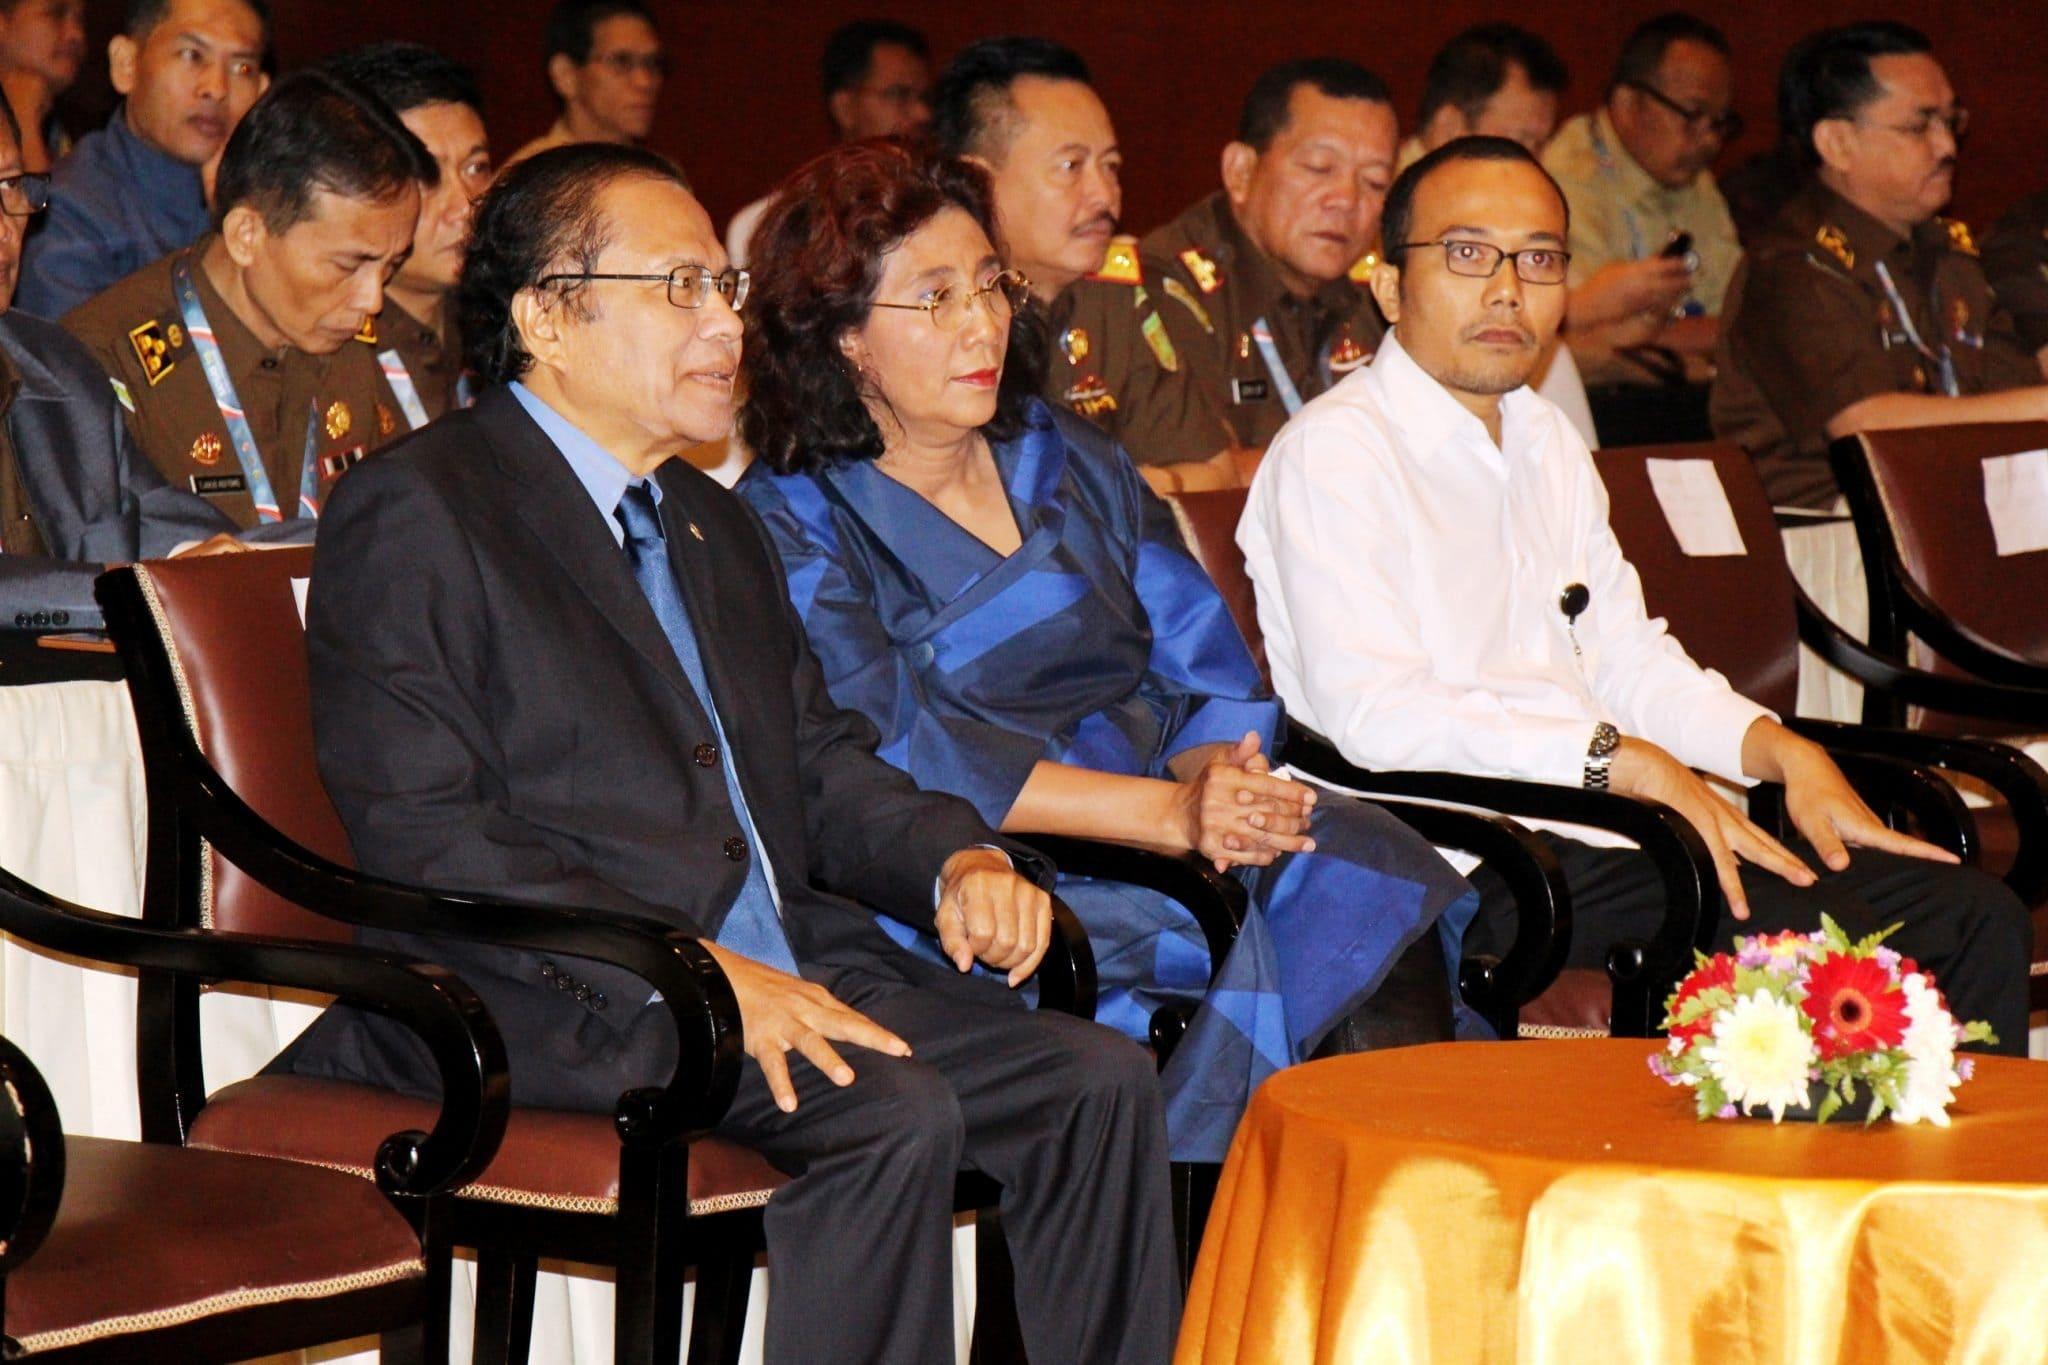 Menko Maritim dan Sumber Daya Rizal Ramli, Men KP Susi Pudjiastuti dan Menakertrans M Hanif Dhakiri sesaat sebelum Rakornas Pemberantasan Penangkapan Ilegal Fishing di mulai, Jakarta 30 Juni 2016